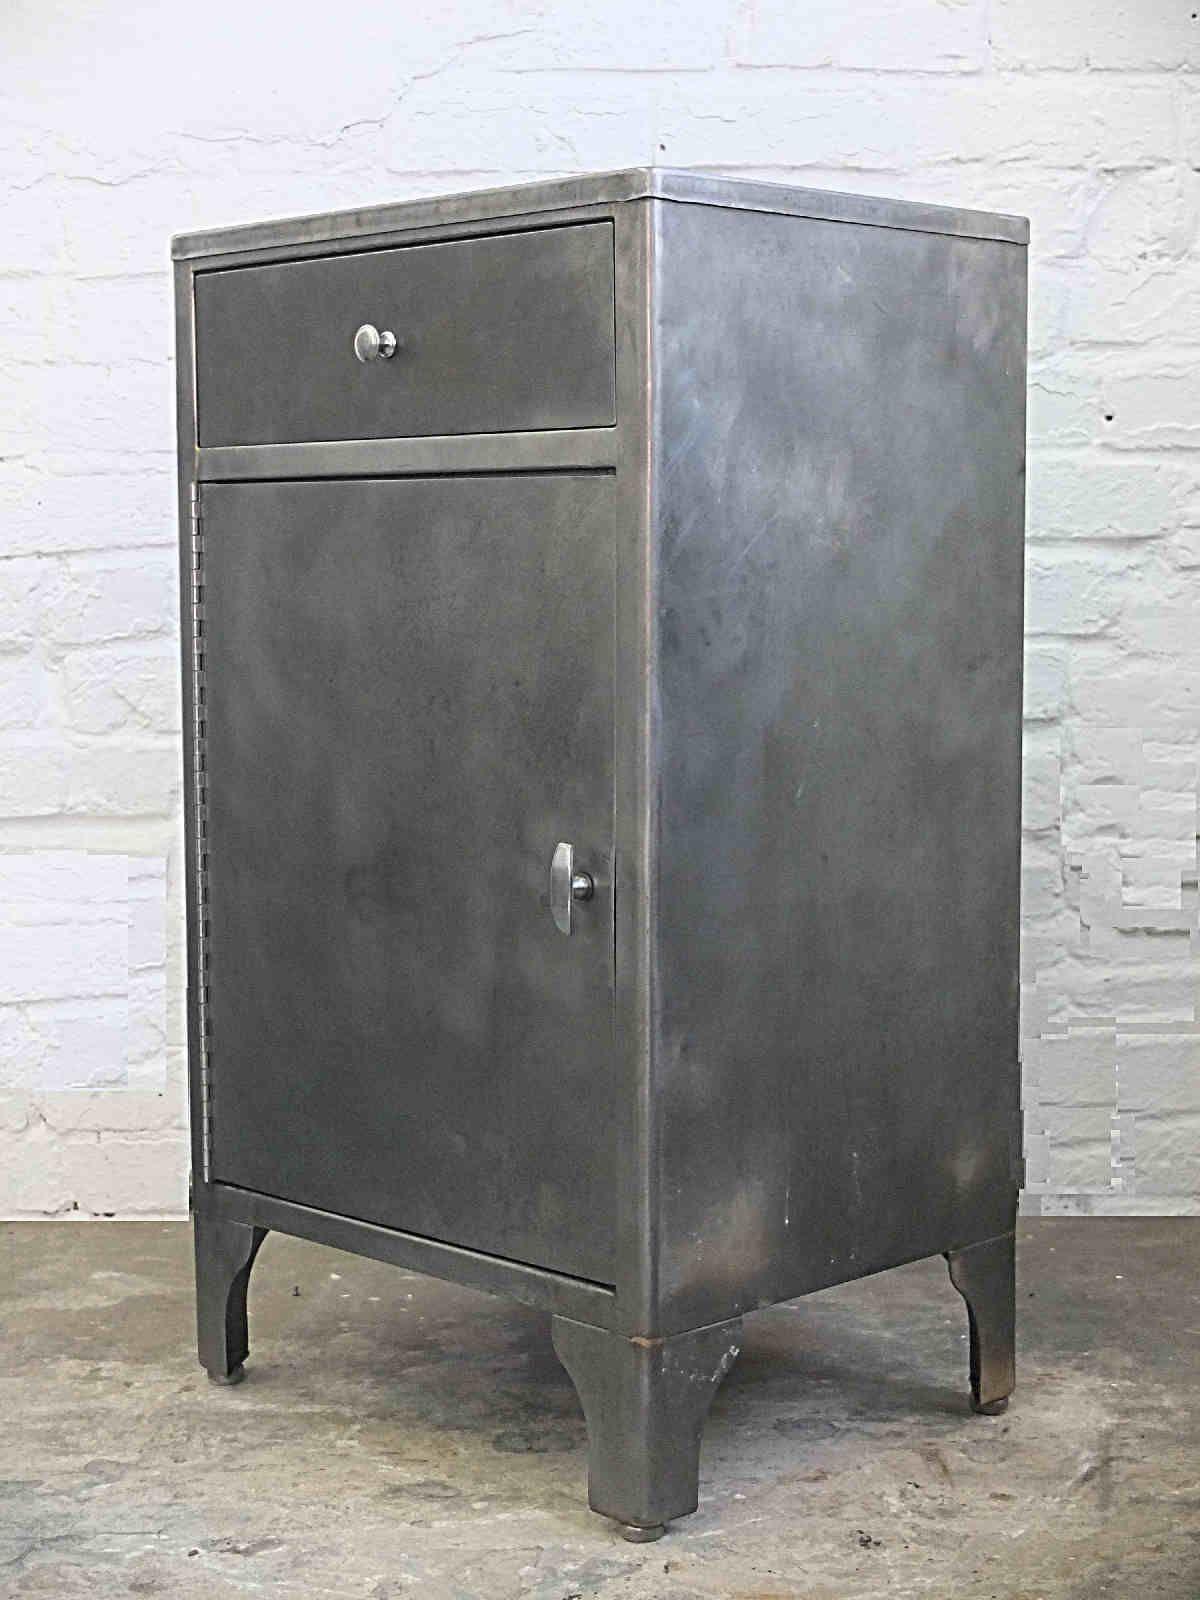 Echtes Industriedesign Vintage Industrieschrank Von 1951 Made In Brooklyn Industriedesign Industriedesign Vintage Design